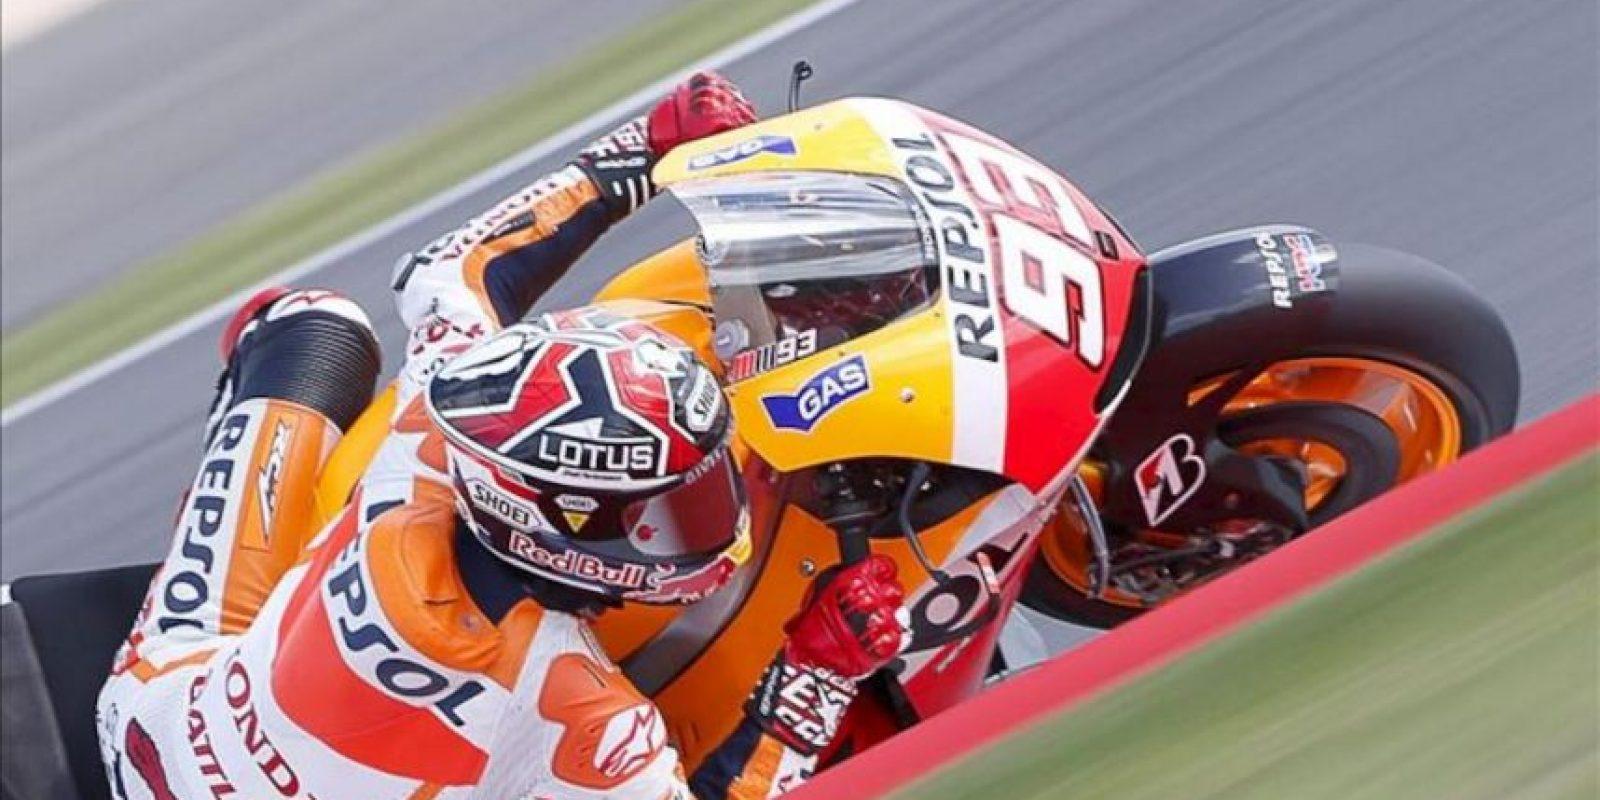 El piloto español Marc Márquez (Repsol Honda) saldrá mañana desde la primera posición de la parrilla de salida al imponerse hoy en los entrenamientos de clasificación del Gran Premio de MotoGP de Gran Bretaña, en el circuito de Silverstone. EFE